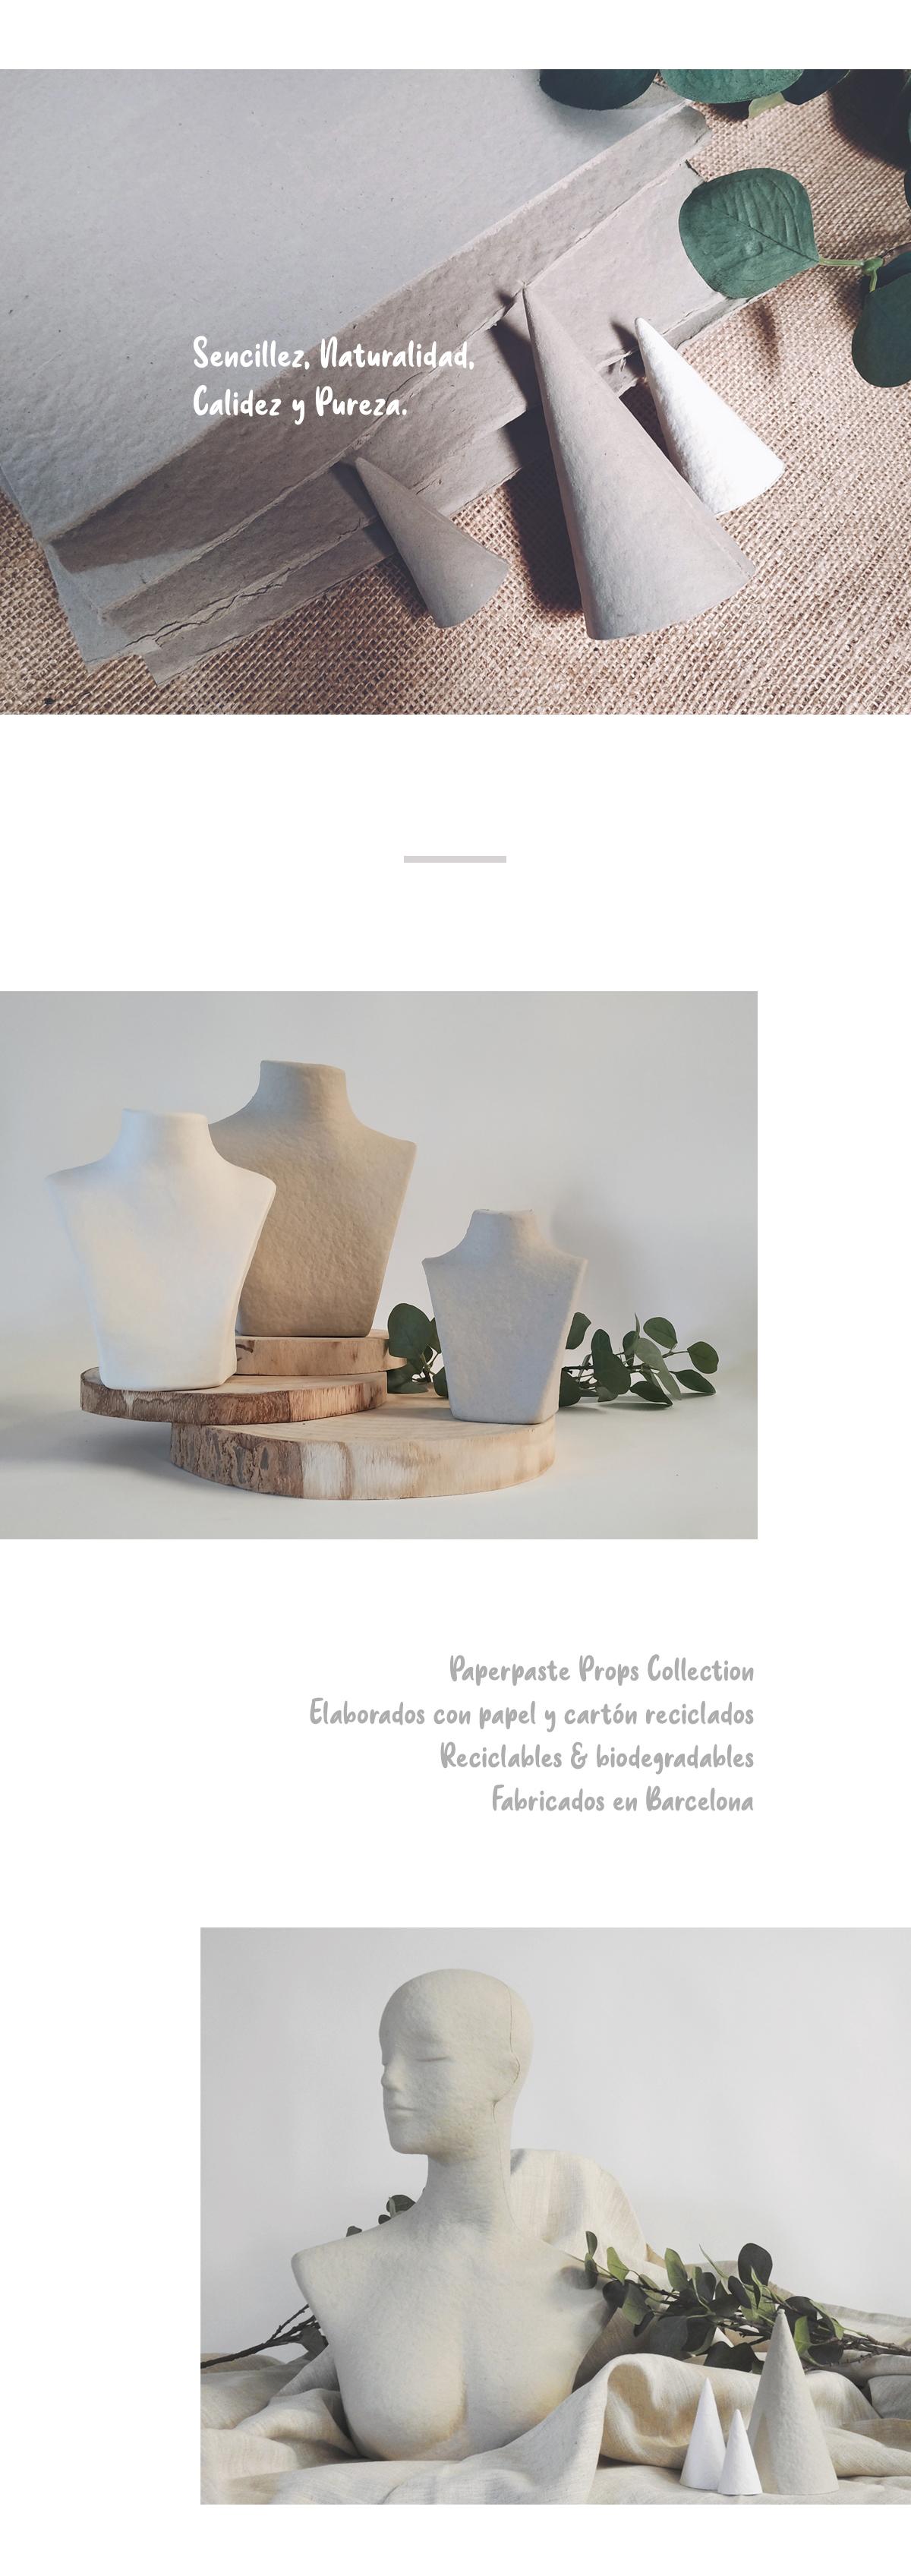 expositores-accesorios-papel-carton-biodegradable